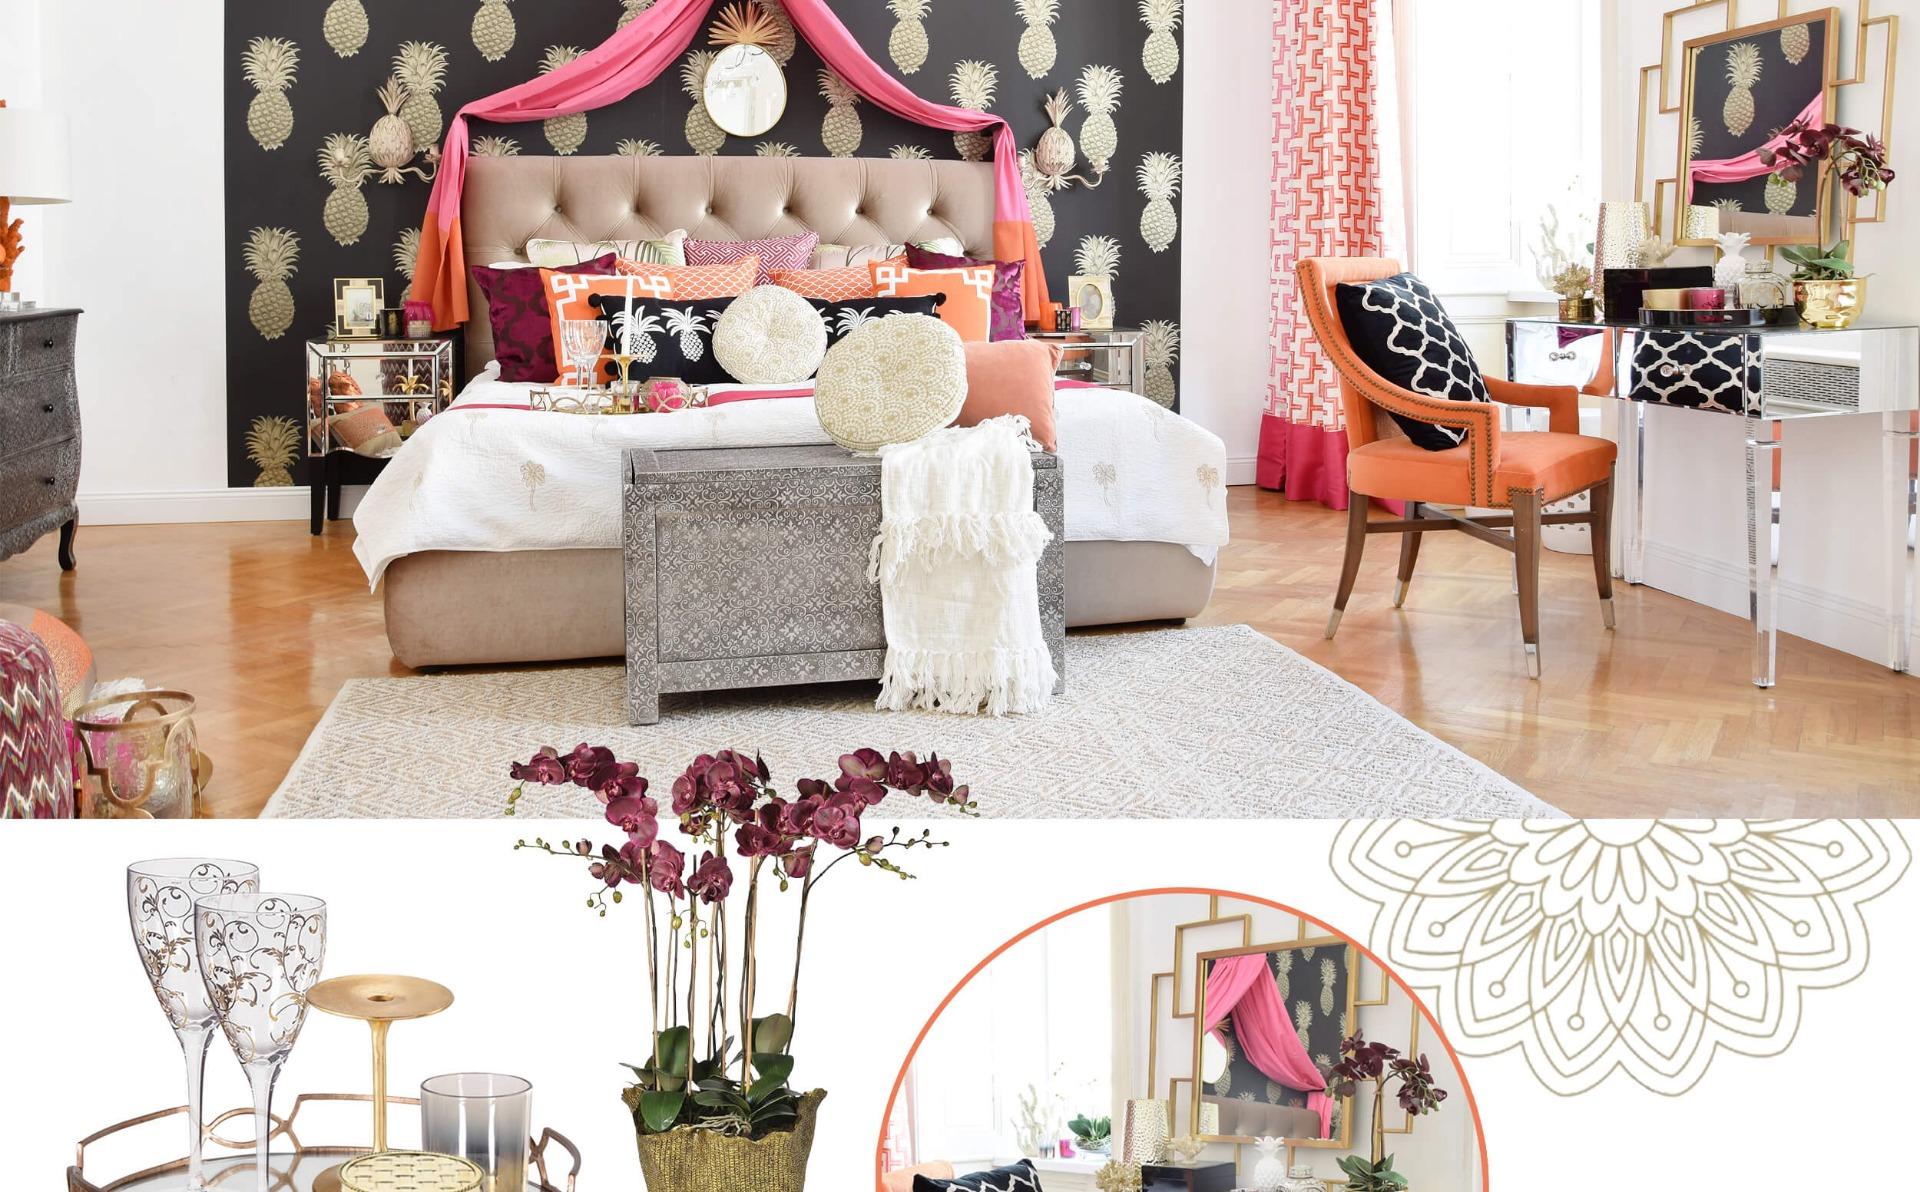 Neuer Look: Schlafzimmer-Traum aus 1001 Nacht - #InstaShop